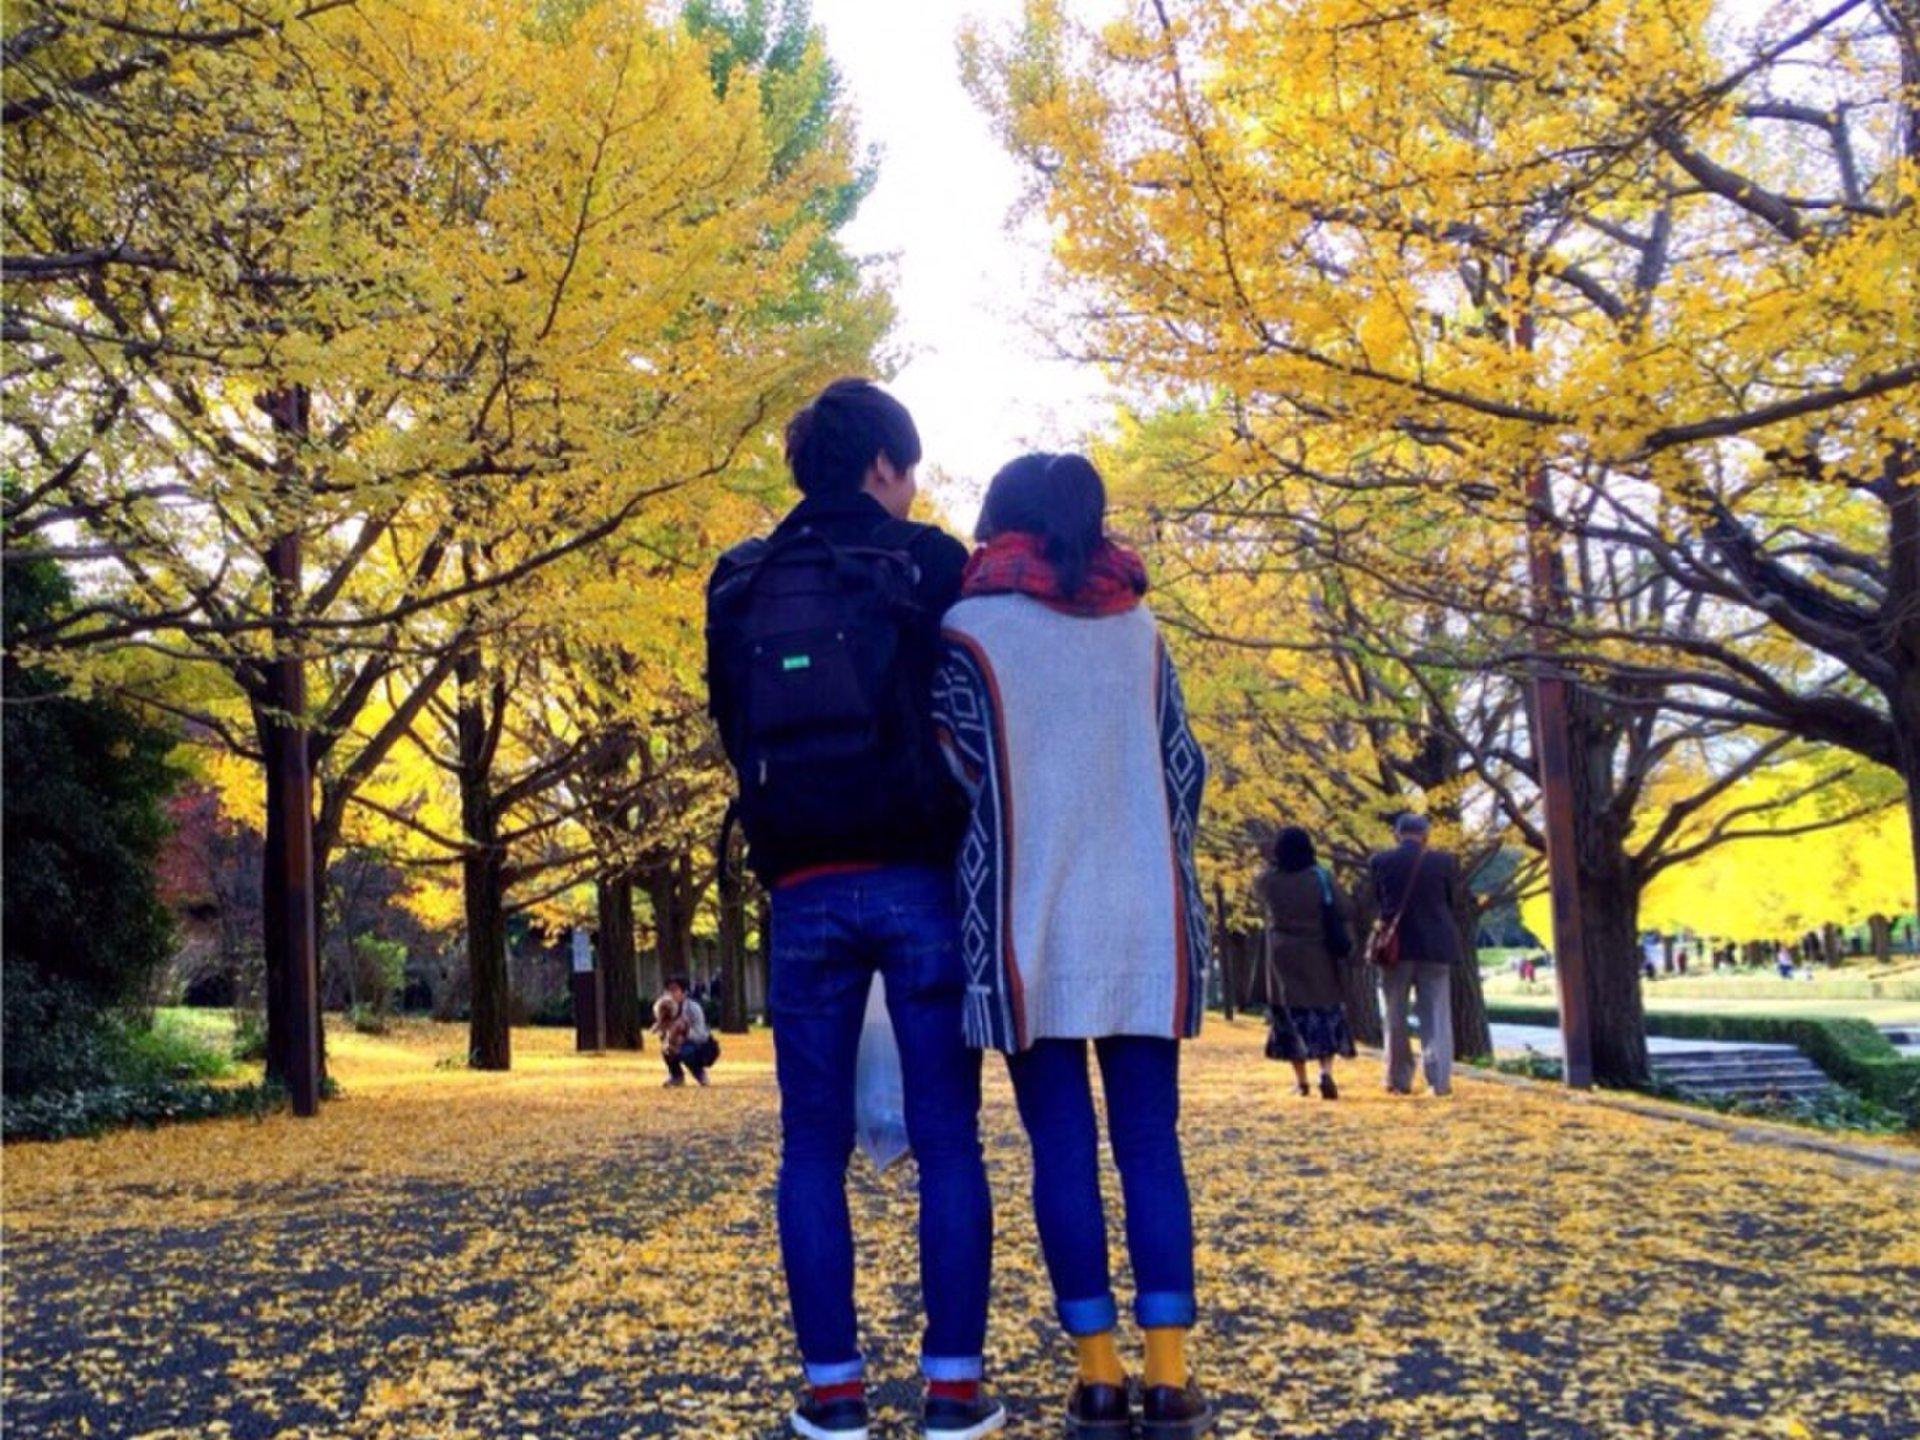 【色を楽しむ秋】色鮮やかな秋のお出かけスポット!東京都内から日帰りOK。